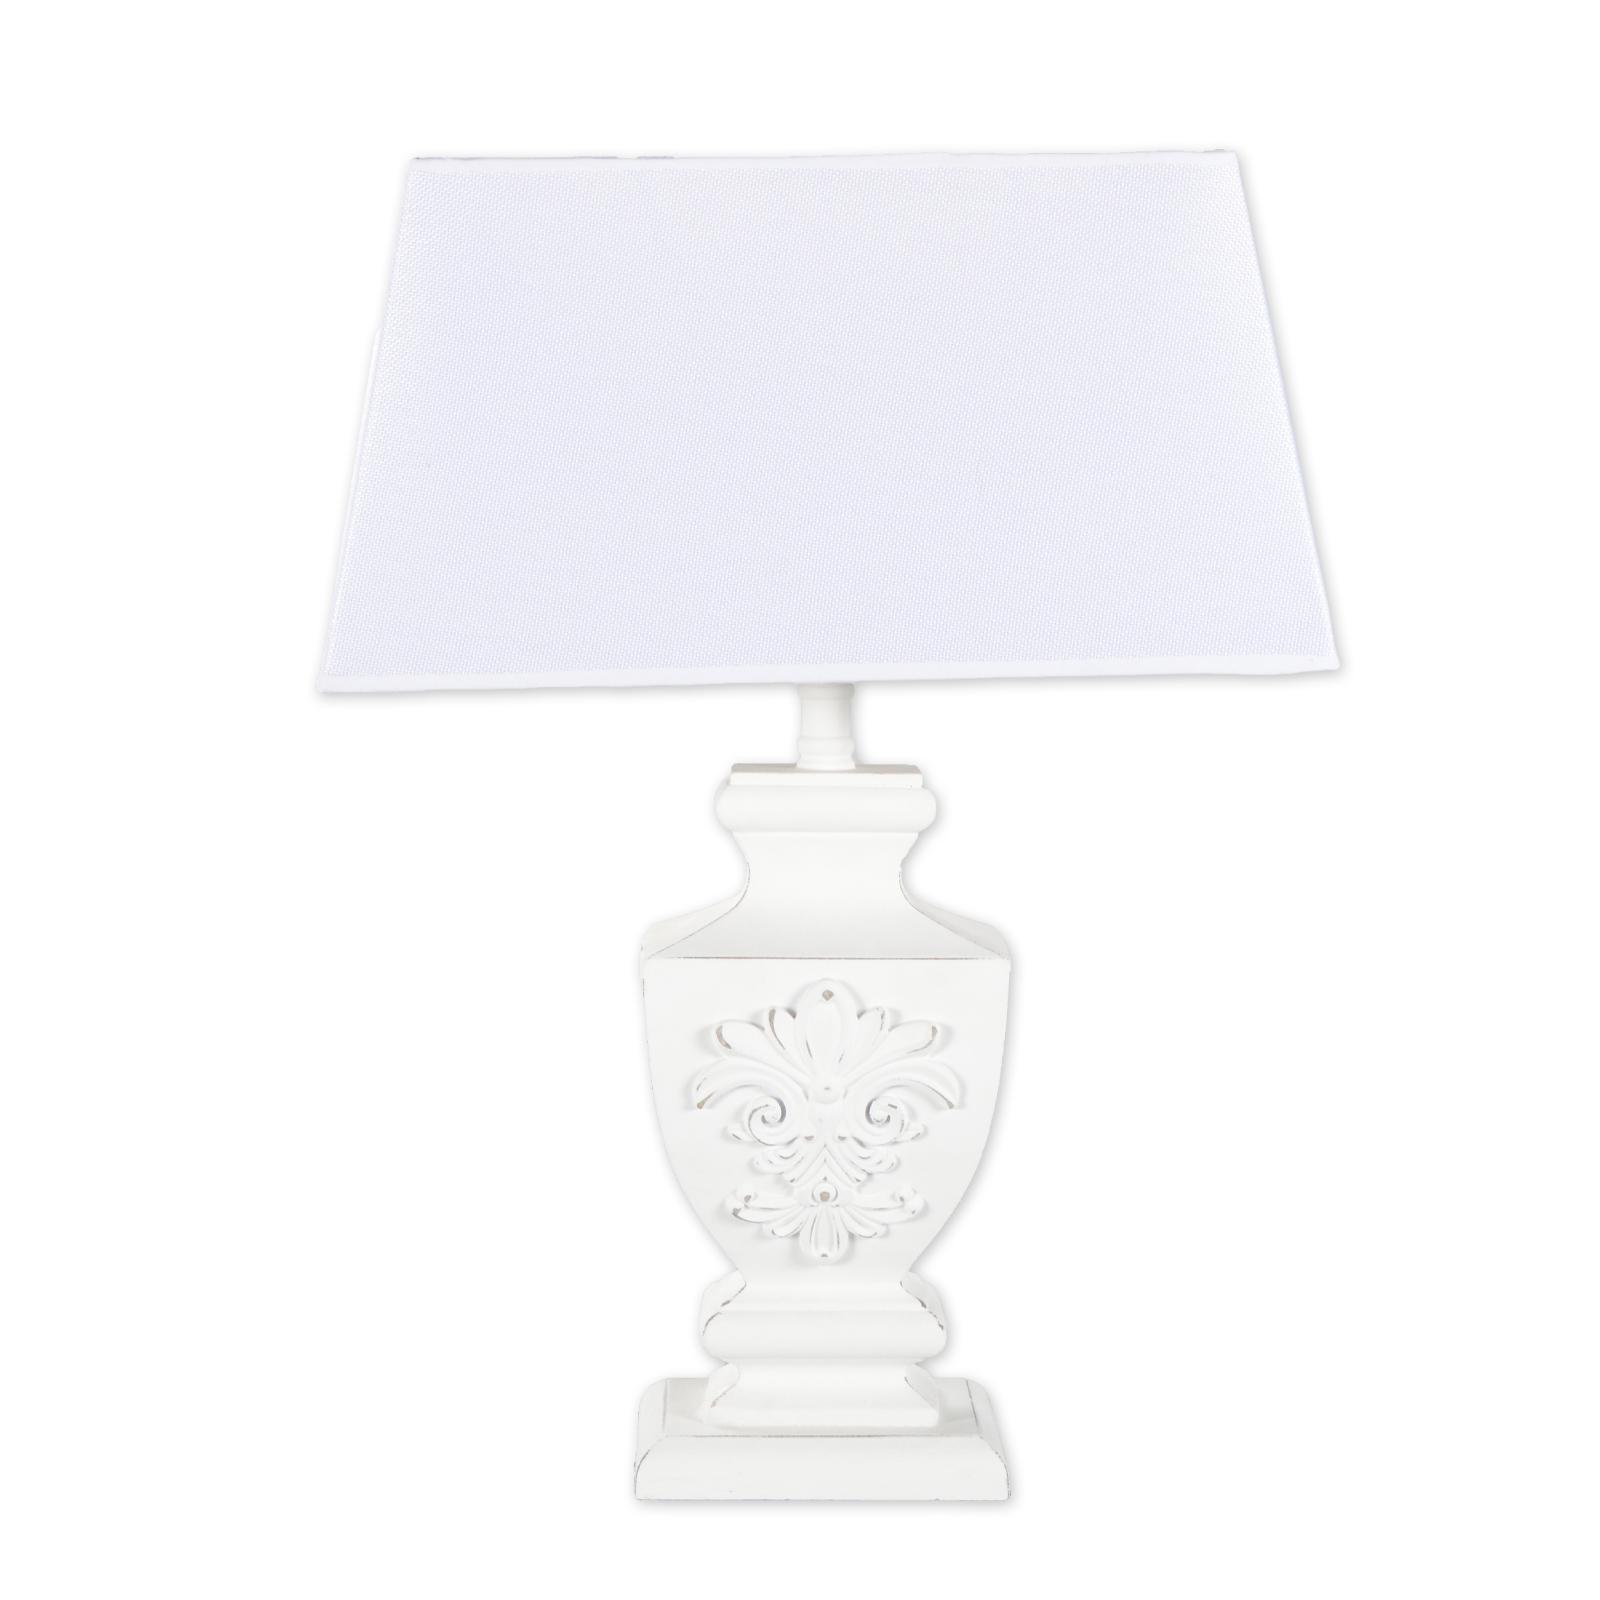 pied de lampe bois avec parapluie lampe de table lampe de chevet lampe shabby ebay. Black Bedroom Furniture Sets. Home Design Ideas